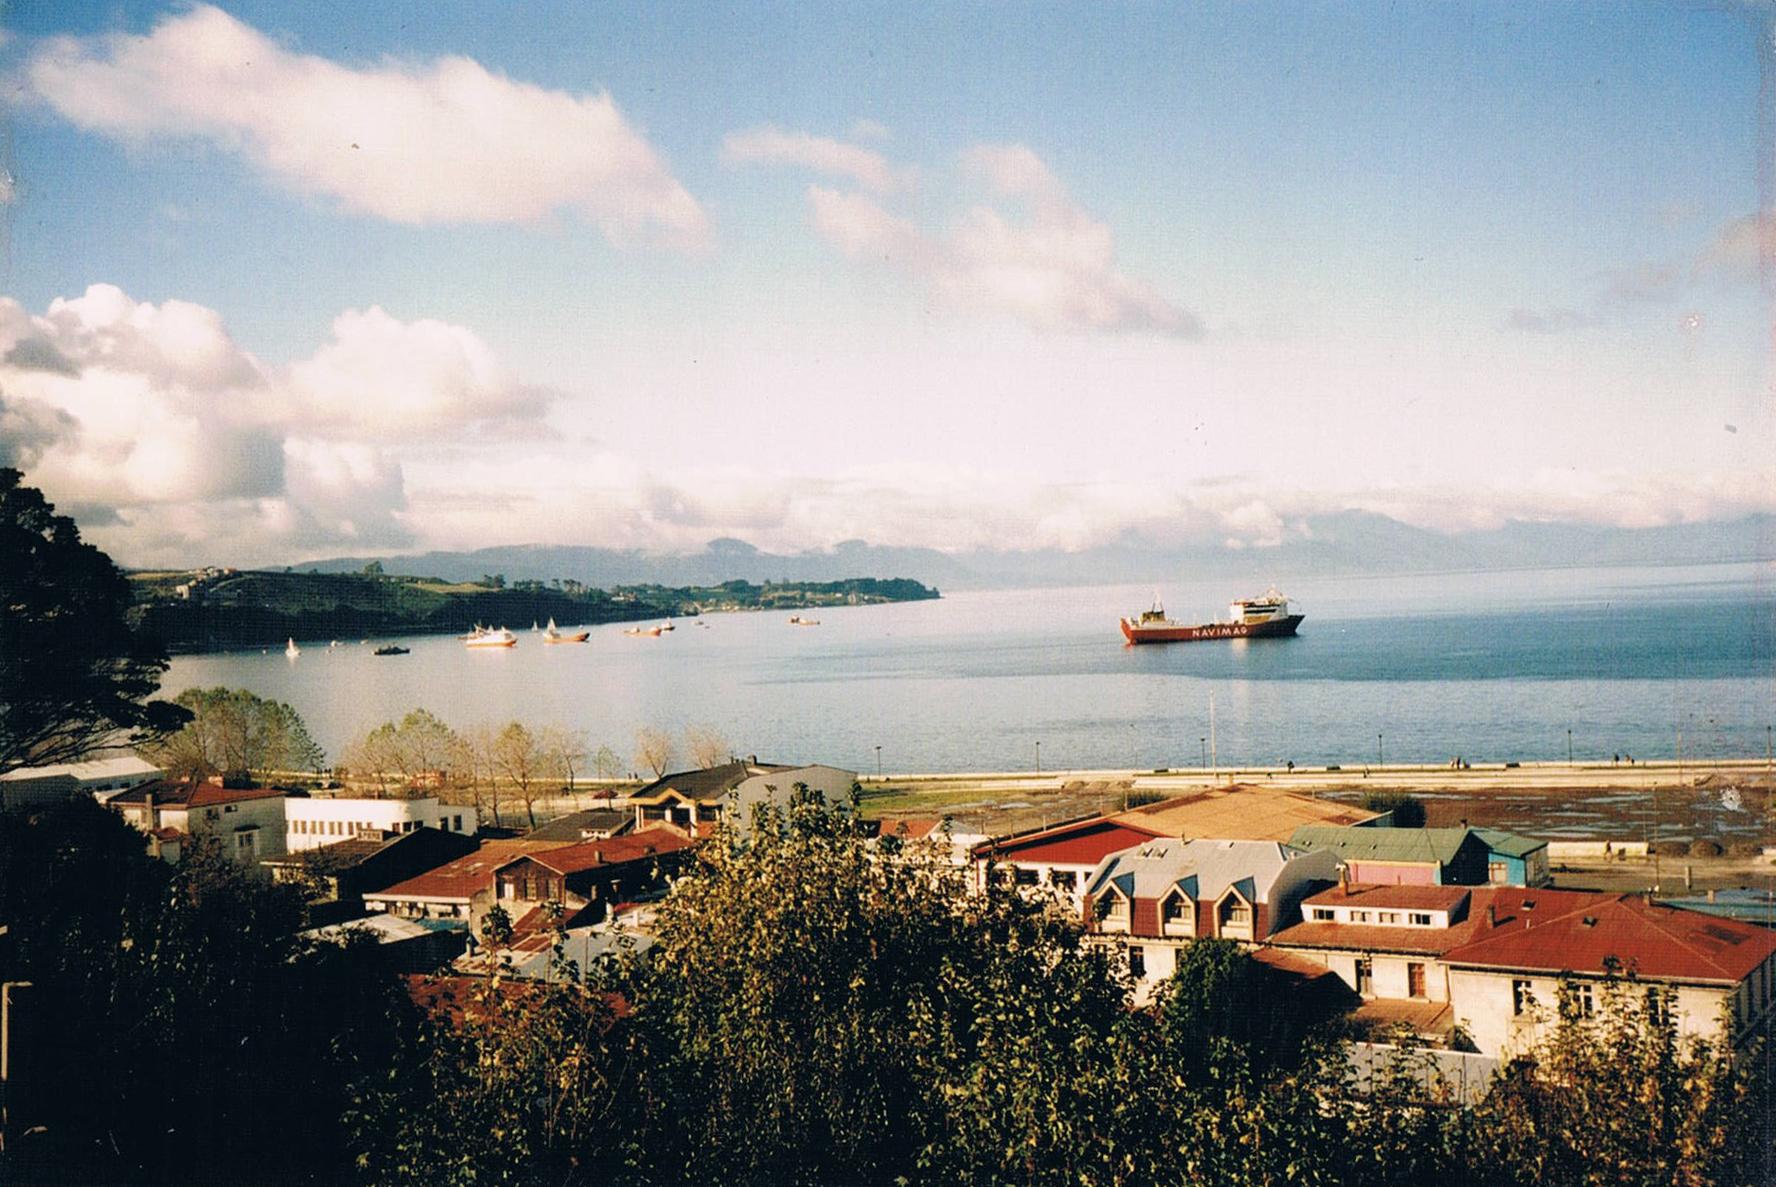 Enterreno - Fotos históricas de chile - fotos antiguas de Chile - Costanera de Puerto Montt en 1997